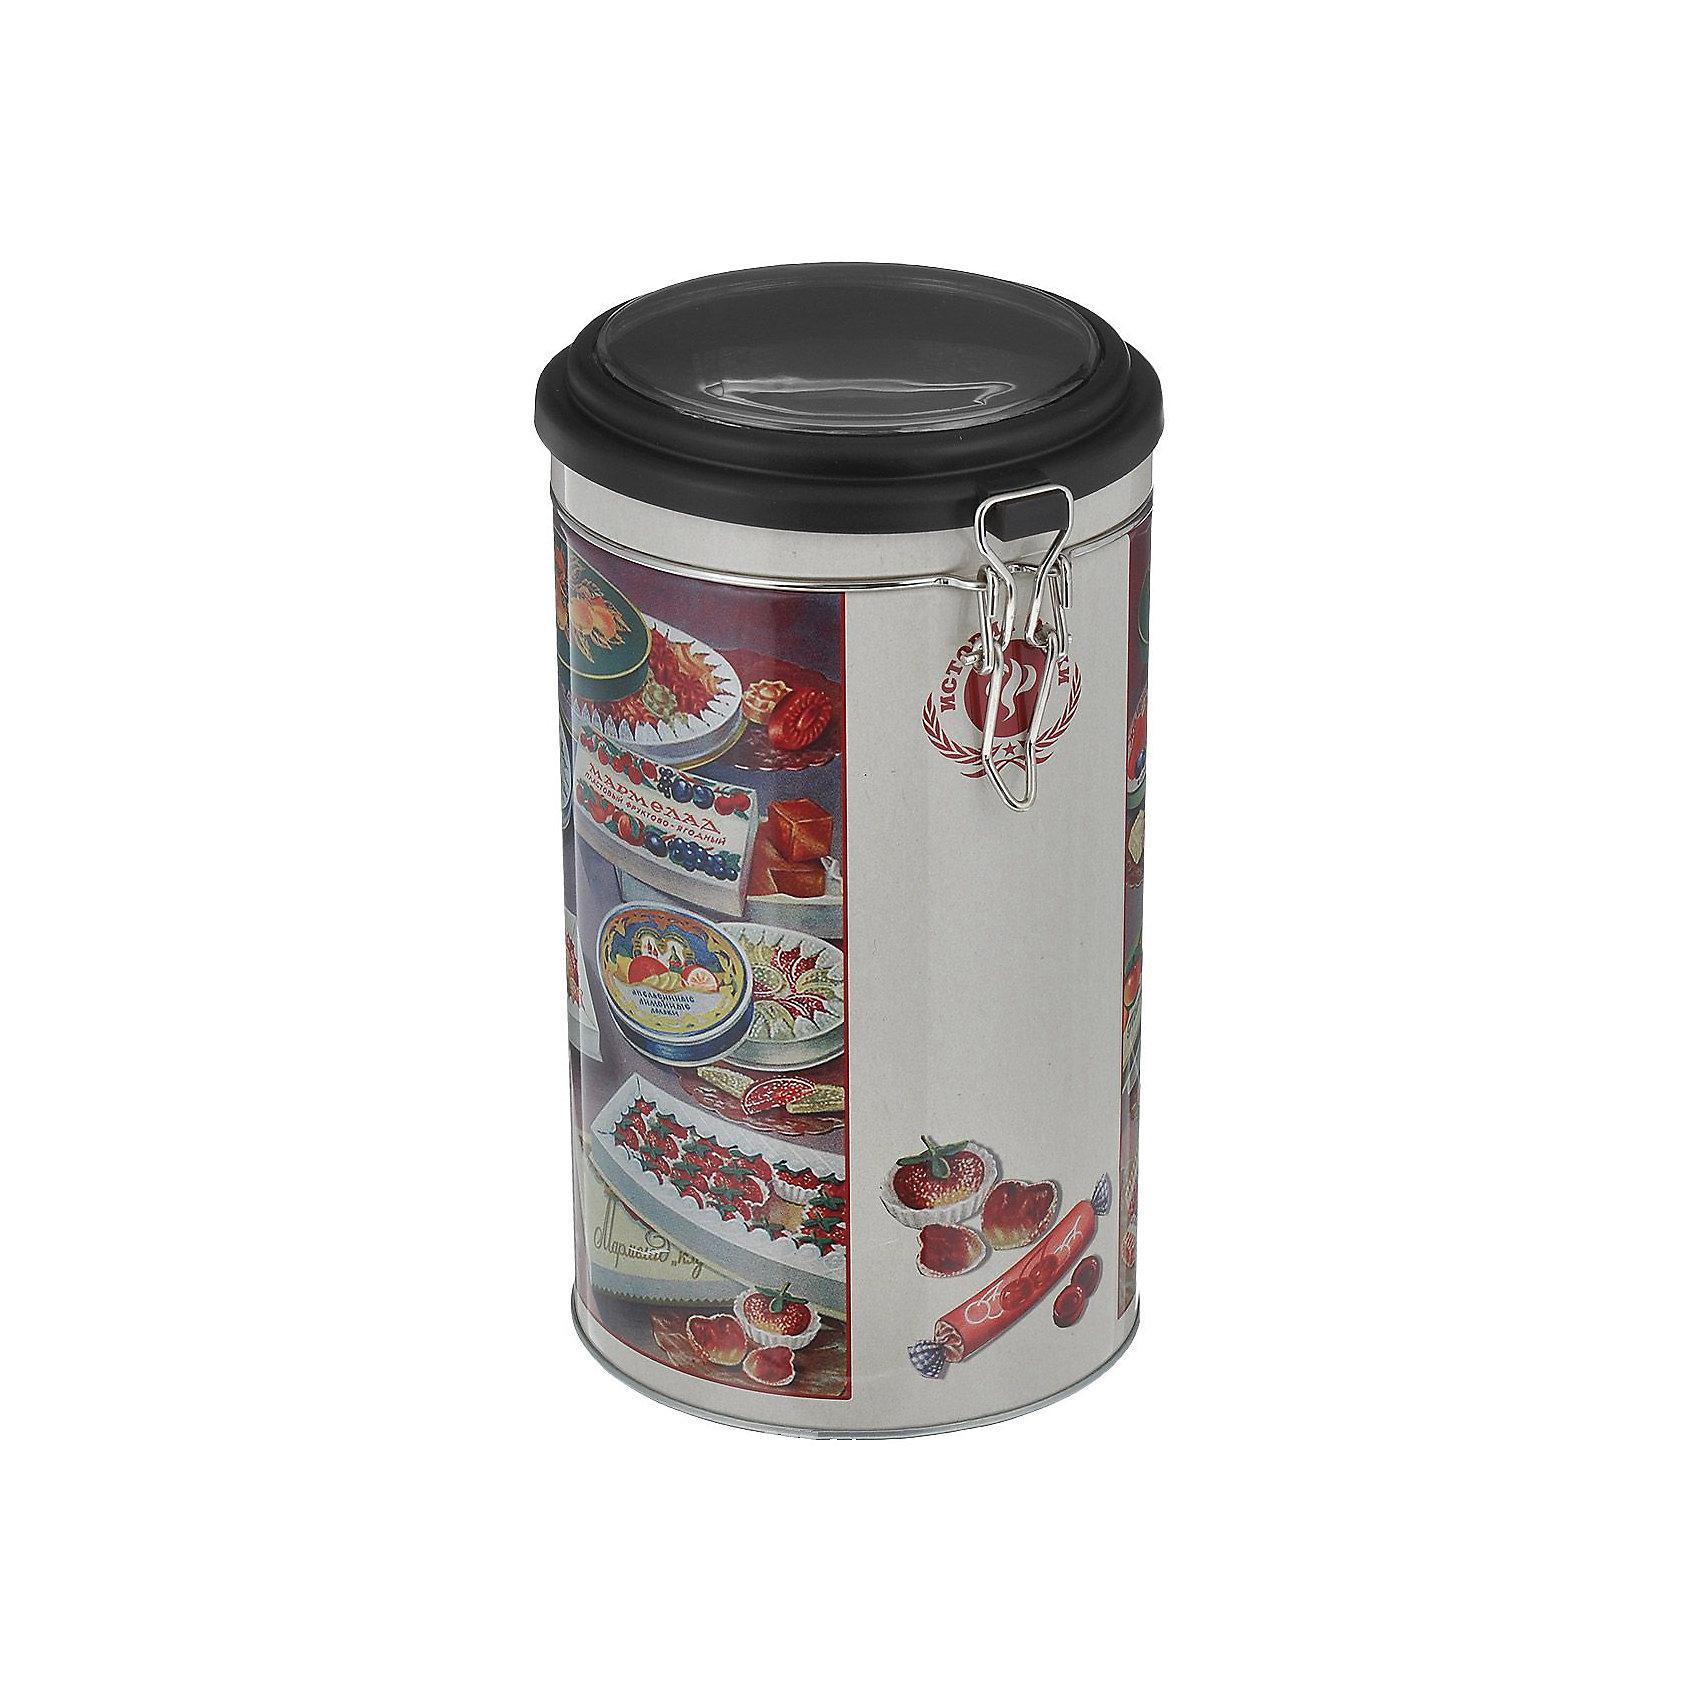 Емкость для сыпучих продуктов Мармелад 1800млПосуда<br>Емкость для сыпучих продуктов Мармелад сделана из металла и декорирована рисунком с изображением мармелада, удобно и плотно закрывается крышкой. Можно использовать для сахара, круп, муки и прочих сыпучих продуктов. Такая емкость прекрасно подойдет для вашей кухни!<br><br>Дополнительная информация: <br>Материал: черный окрашенный металл, пластик<br>Размер: 11х11х19,5 см<br>Объем: 1800 мл<br>Вы можете приобрести емкость для сыпучих продуктов Мармелад в нашем интернет-магазине.<br><br>Ширина мм: 360<br>Глубина мм: 690<br>Высота мм: 420<br>Вес г: 187<br>Возраст от месяцев: 84<br>Возраст до месяцев: 216<br>Пол: Унисекс<br>Возраст: Детский<br>SKU: 4957991